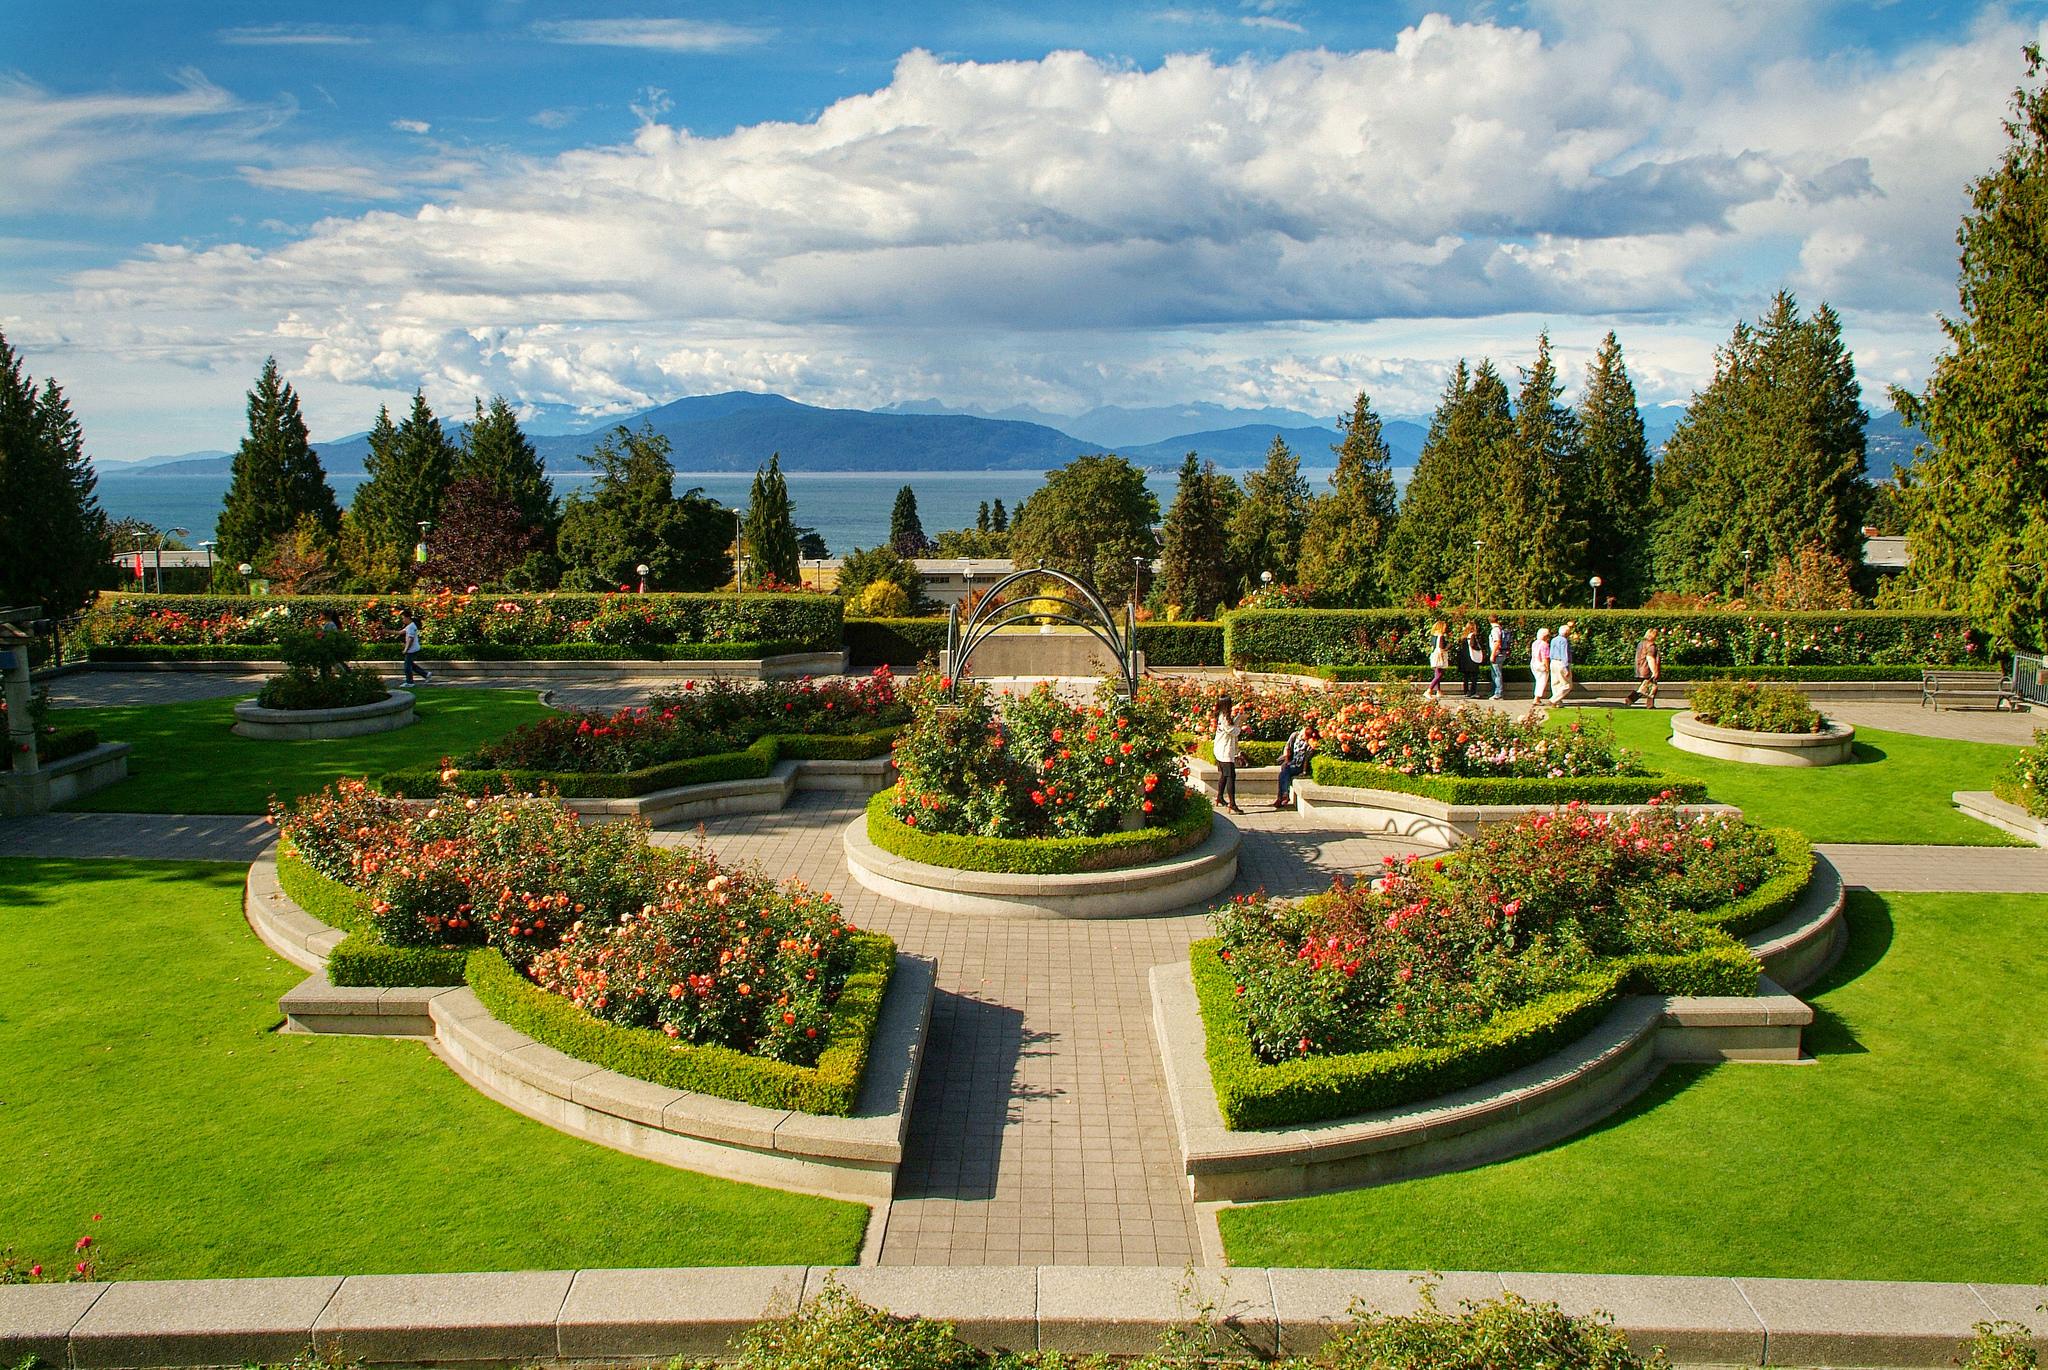 Image: UBC Public Affairs